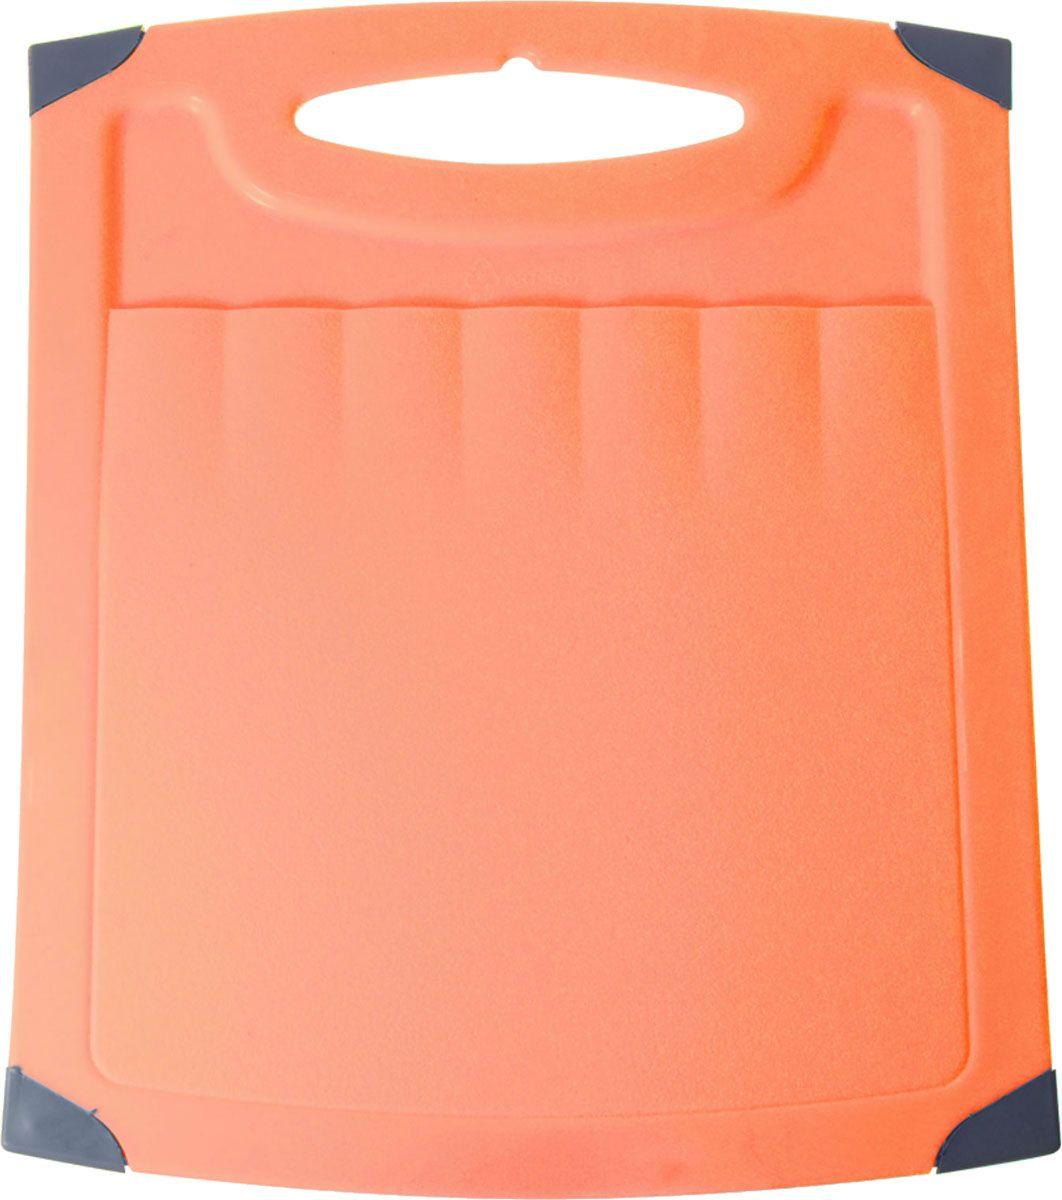 Доска разделочная Plastic Centre Люкс, цвет: оранжевый, 36 х 28 смFS-91909Прочная разделочная доска классической формы может применяться для различных видов продуктов. Доска не впитывает запахи, устойчива к воздействию ножом, благодаря чему изделие более долговечно. На кухне рекомендовано иметь несколько досок для различных видов продуктов: мяса, рыбы, хлеба и овощей. Входит в линейку Люкс.